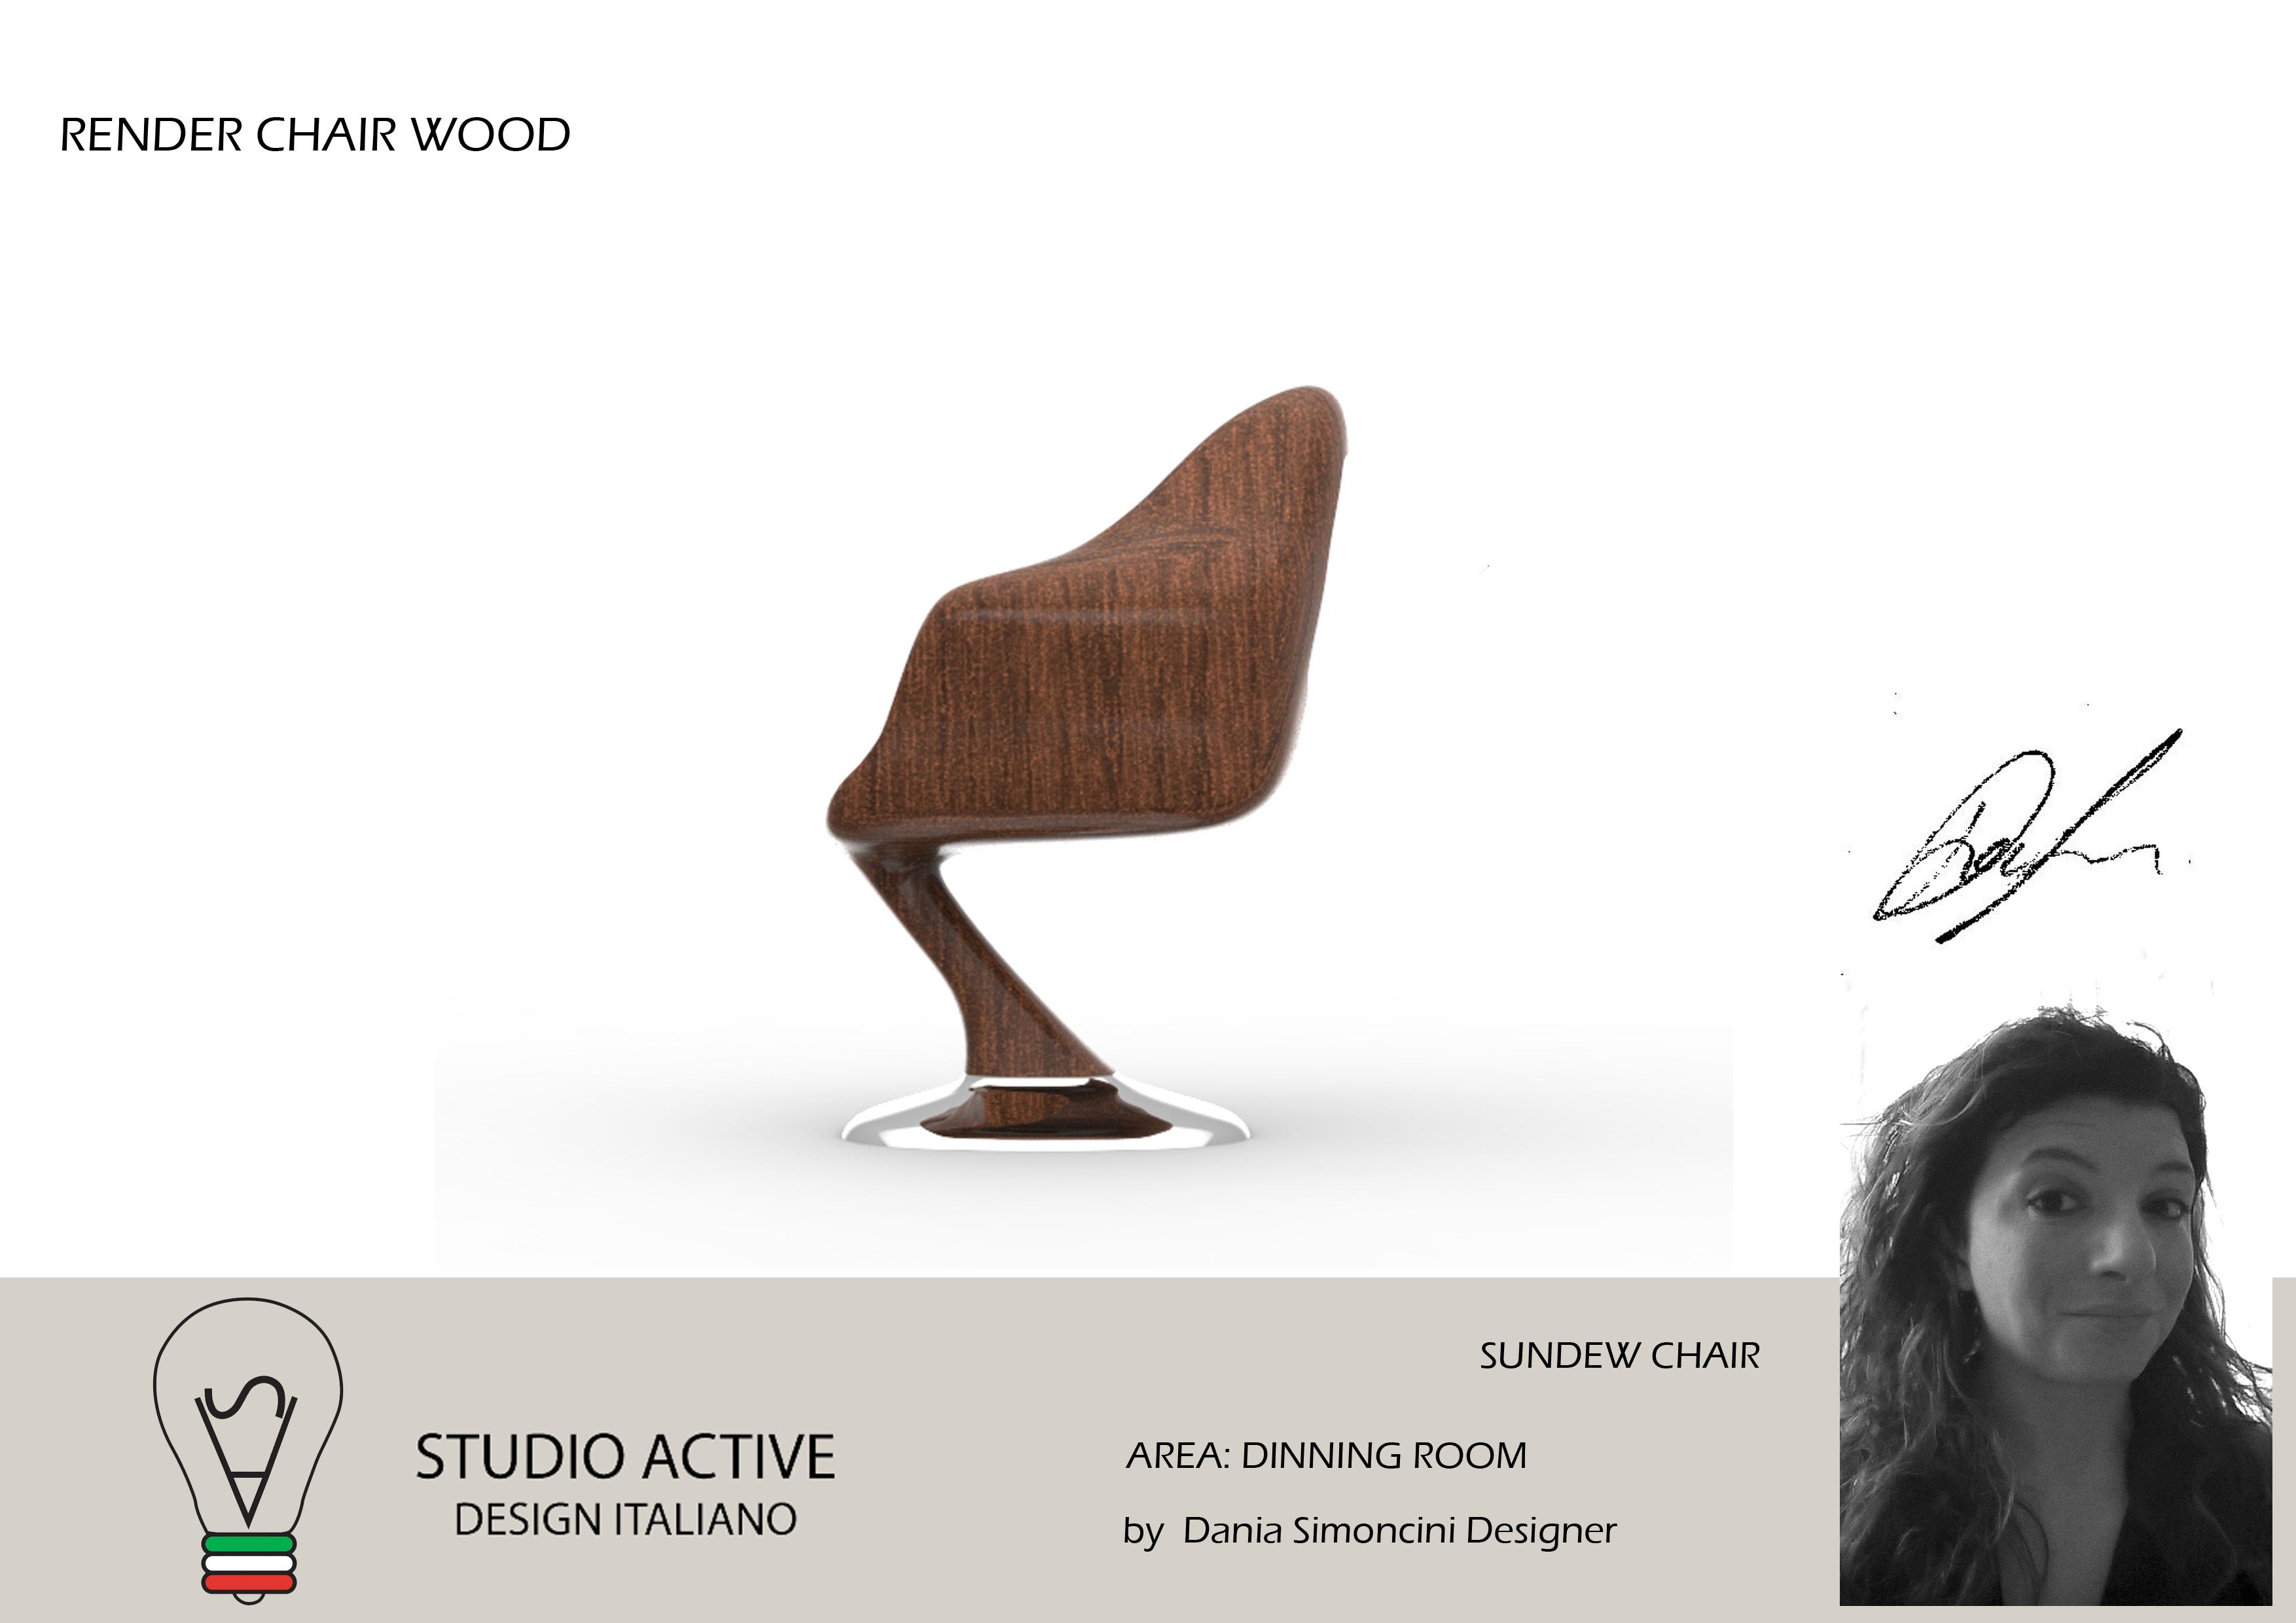 Sundew chair